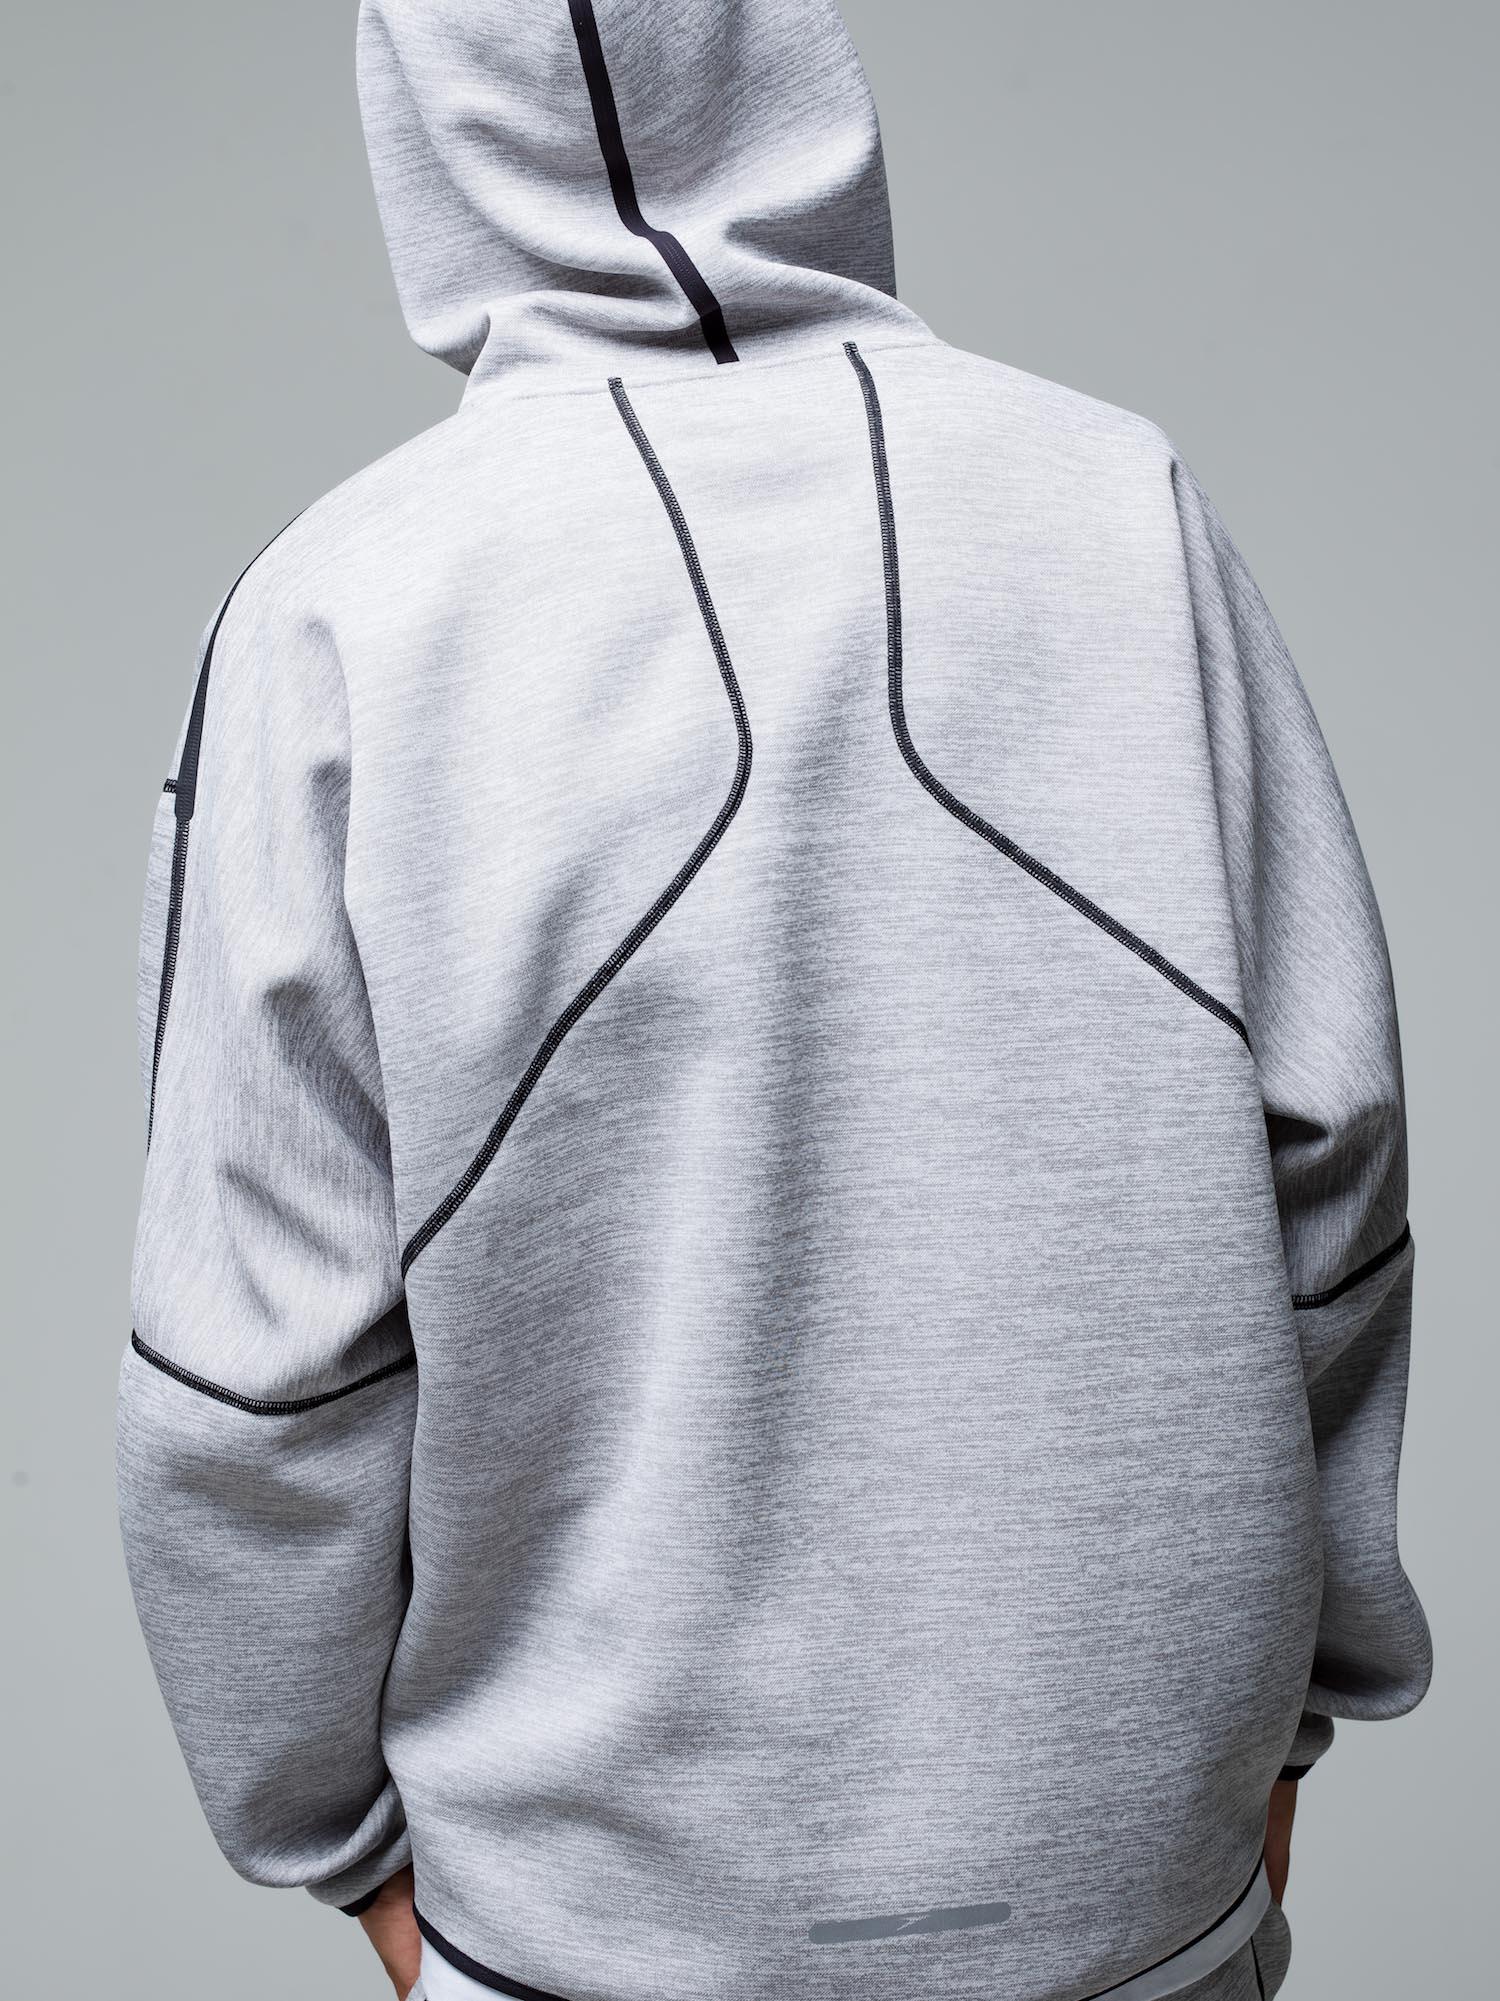 33) Hoodie ¥20,900  Inner ¥8,800  Pants ¥17,600